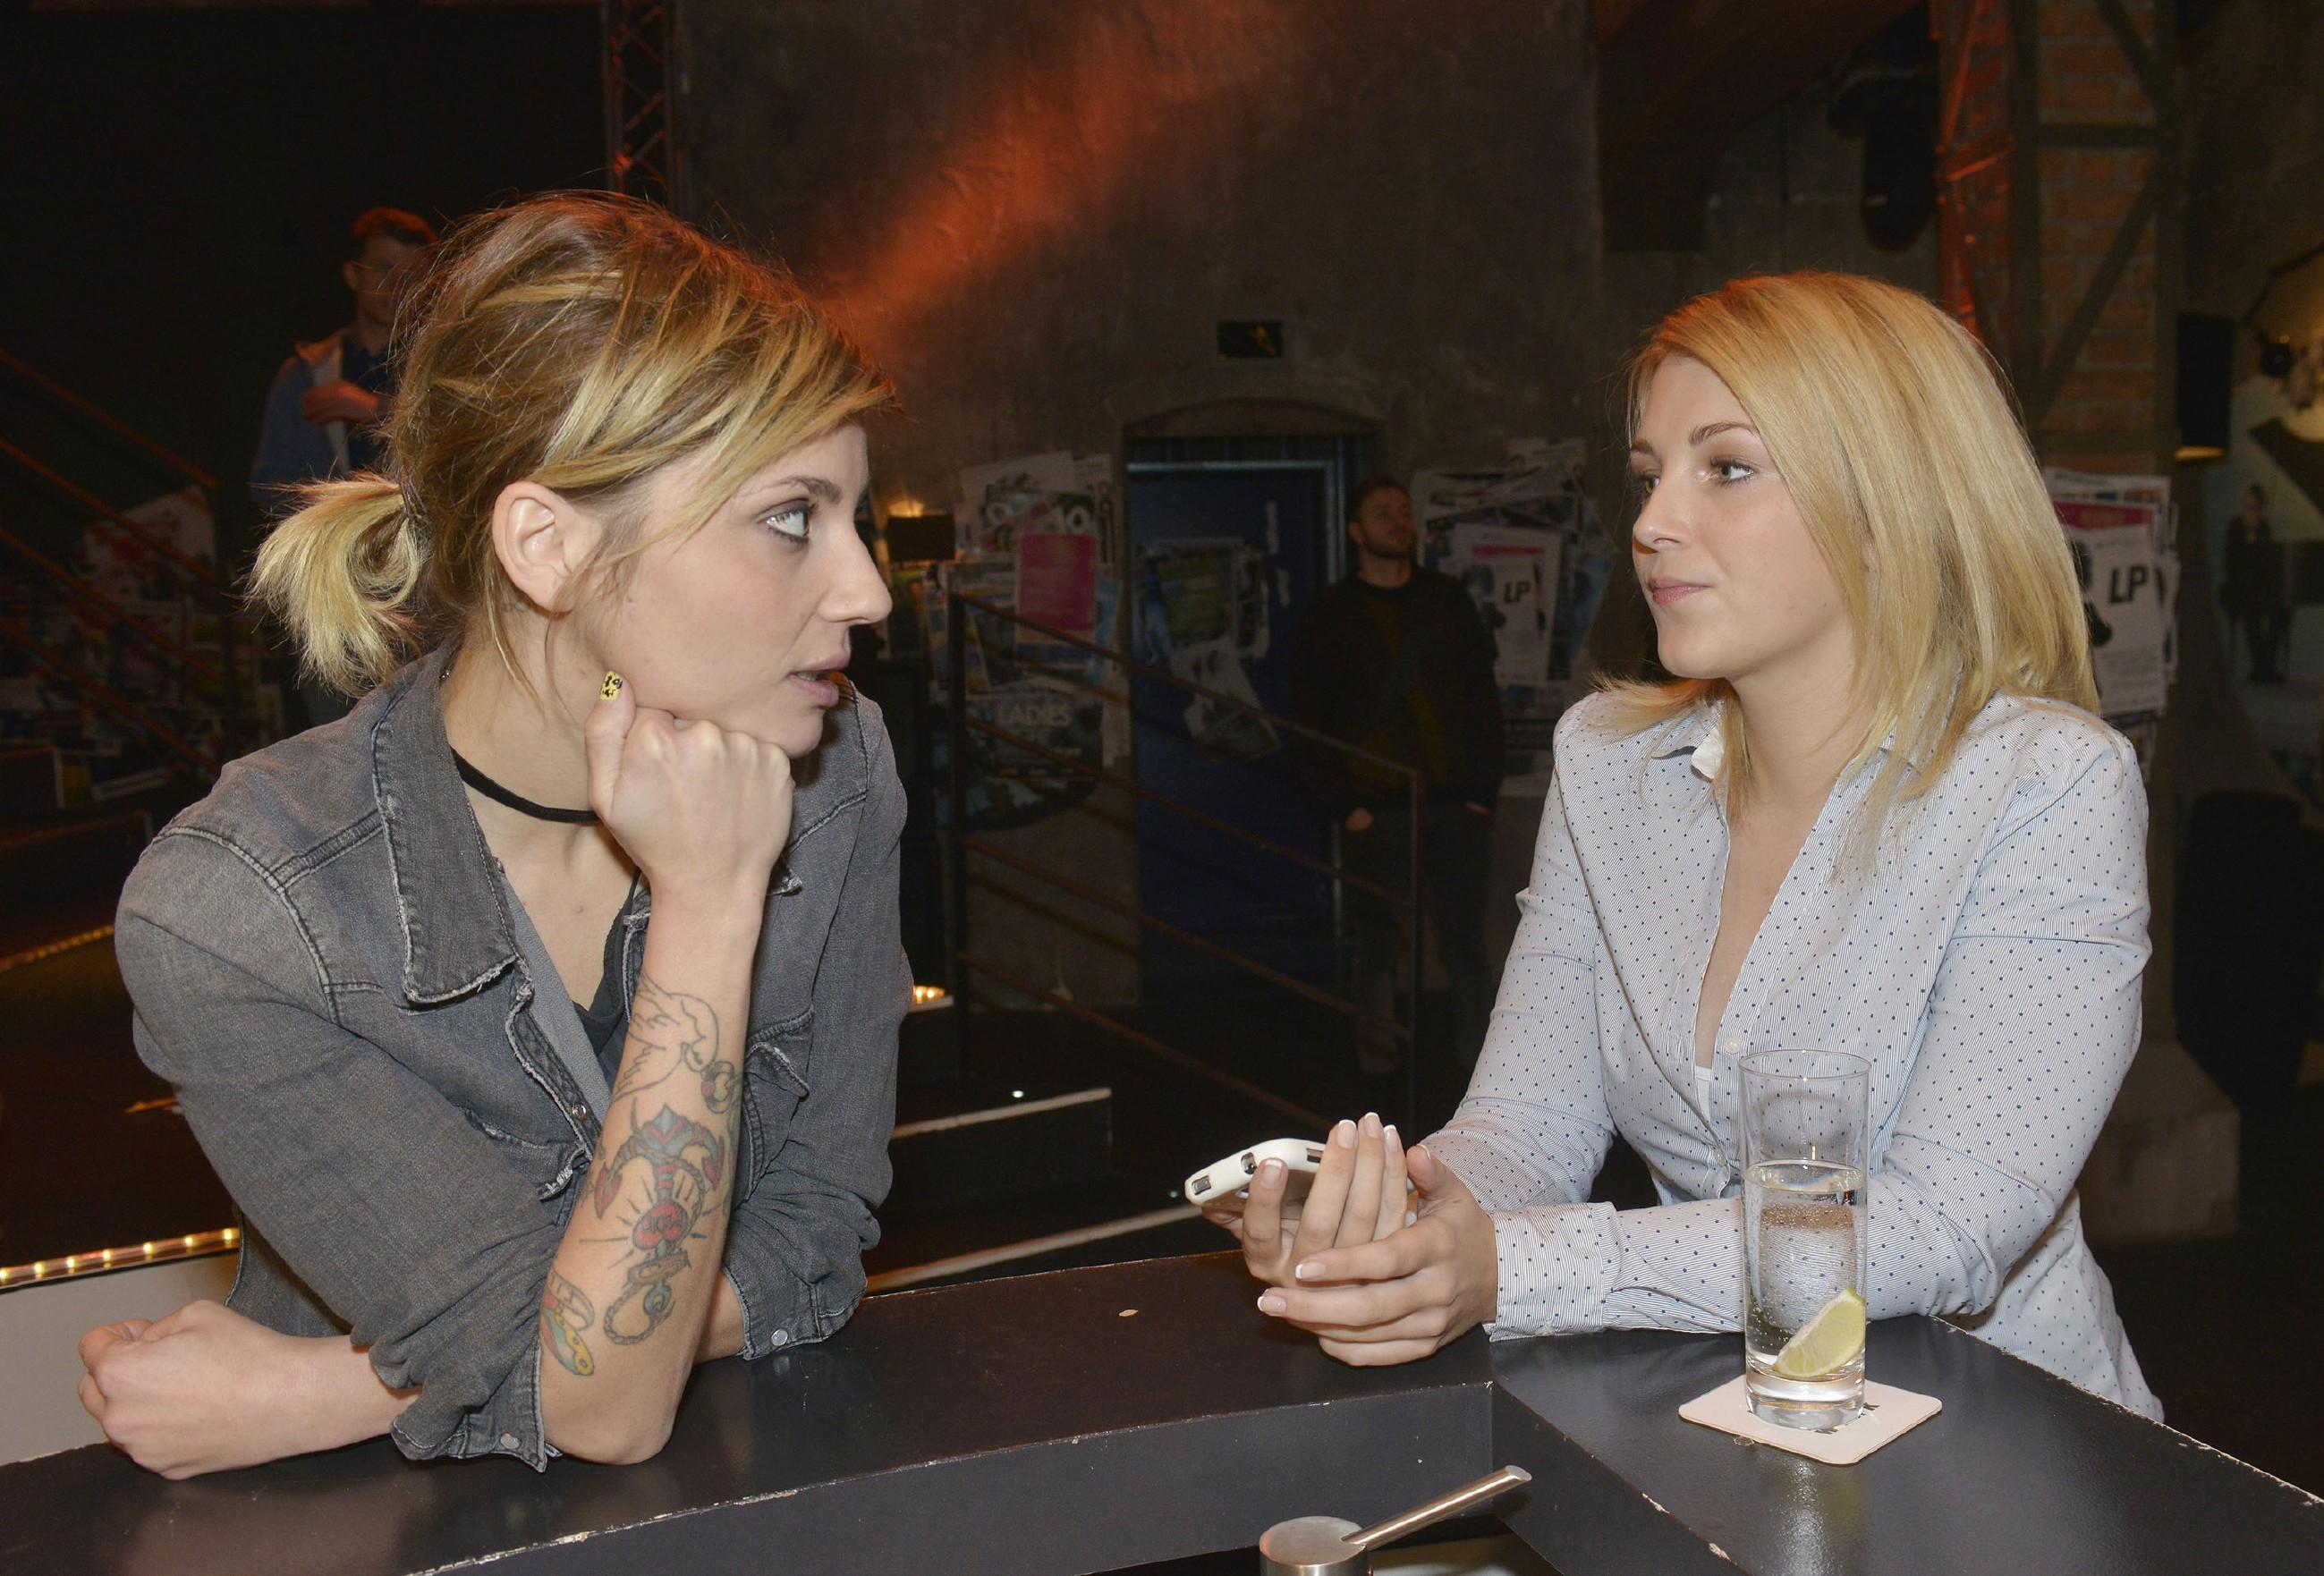 Lilly (Iris Mareike Steen, r.) erzählt Anni (Linda Marlen Runge), dass sie von John vermeintliche Liebesbotschaften bekommt.